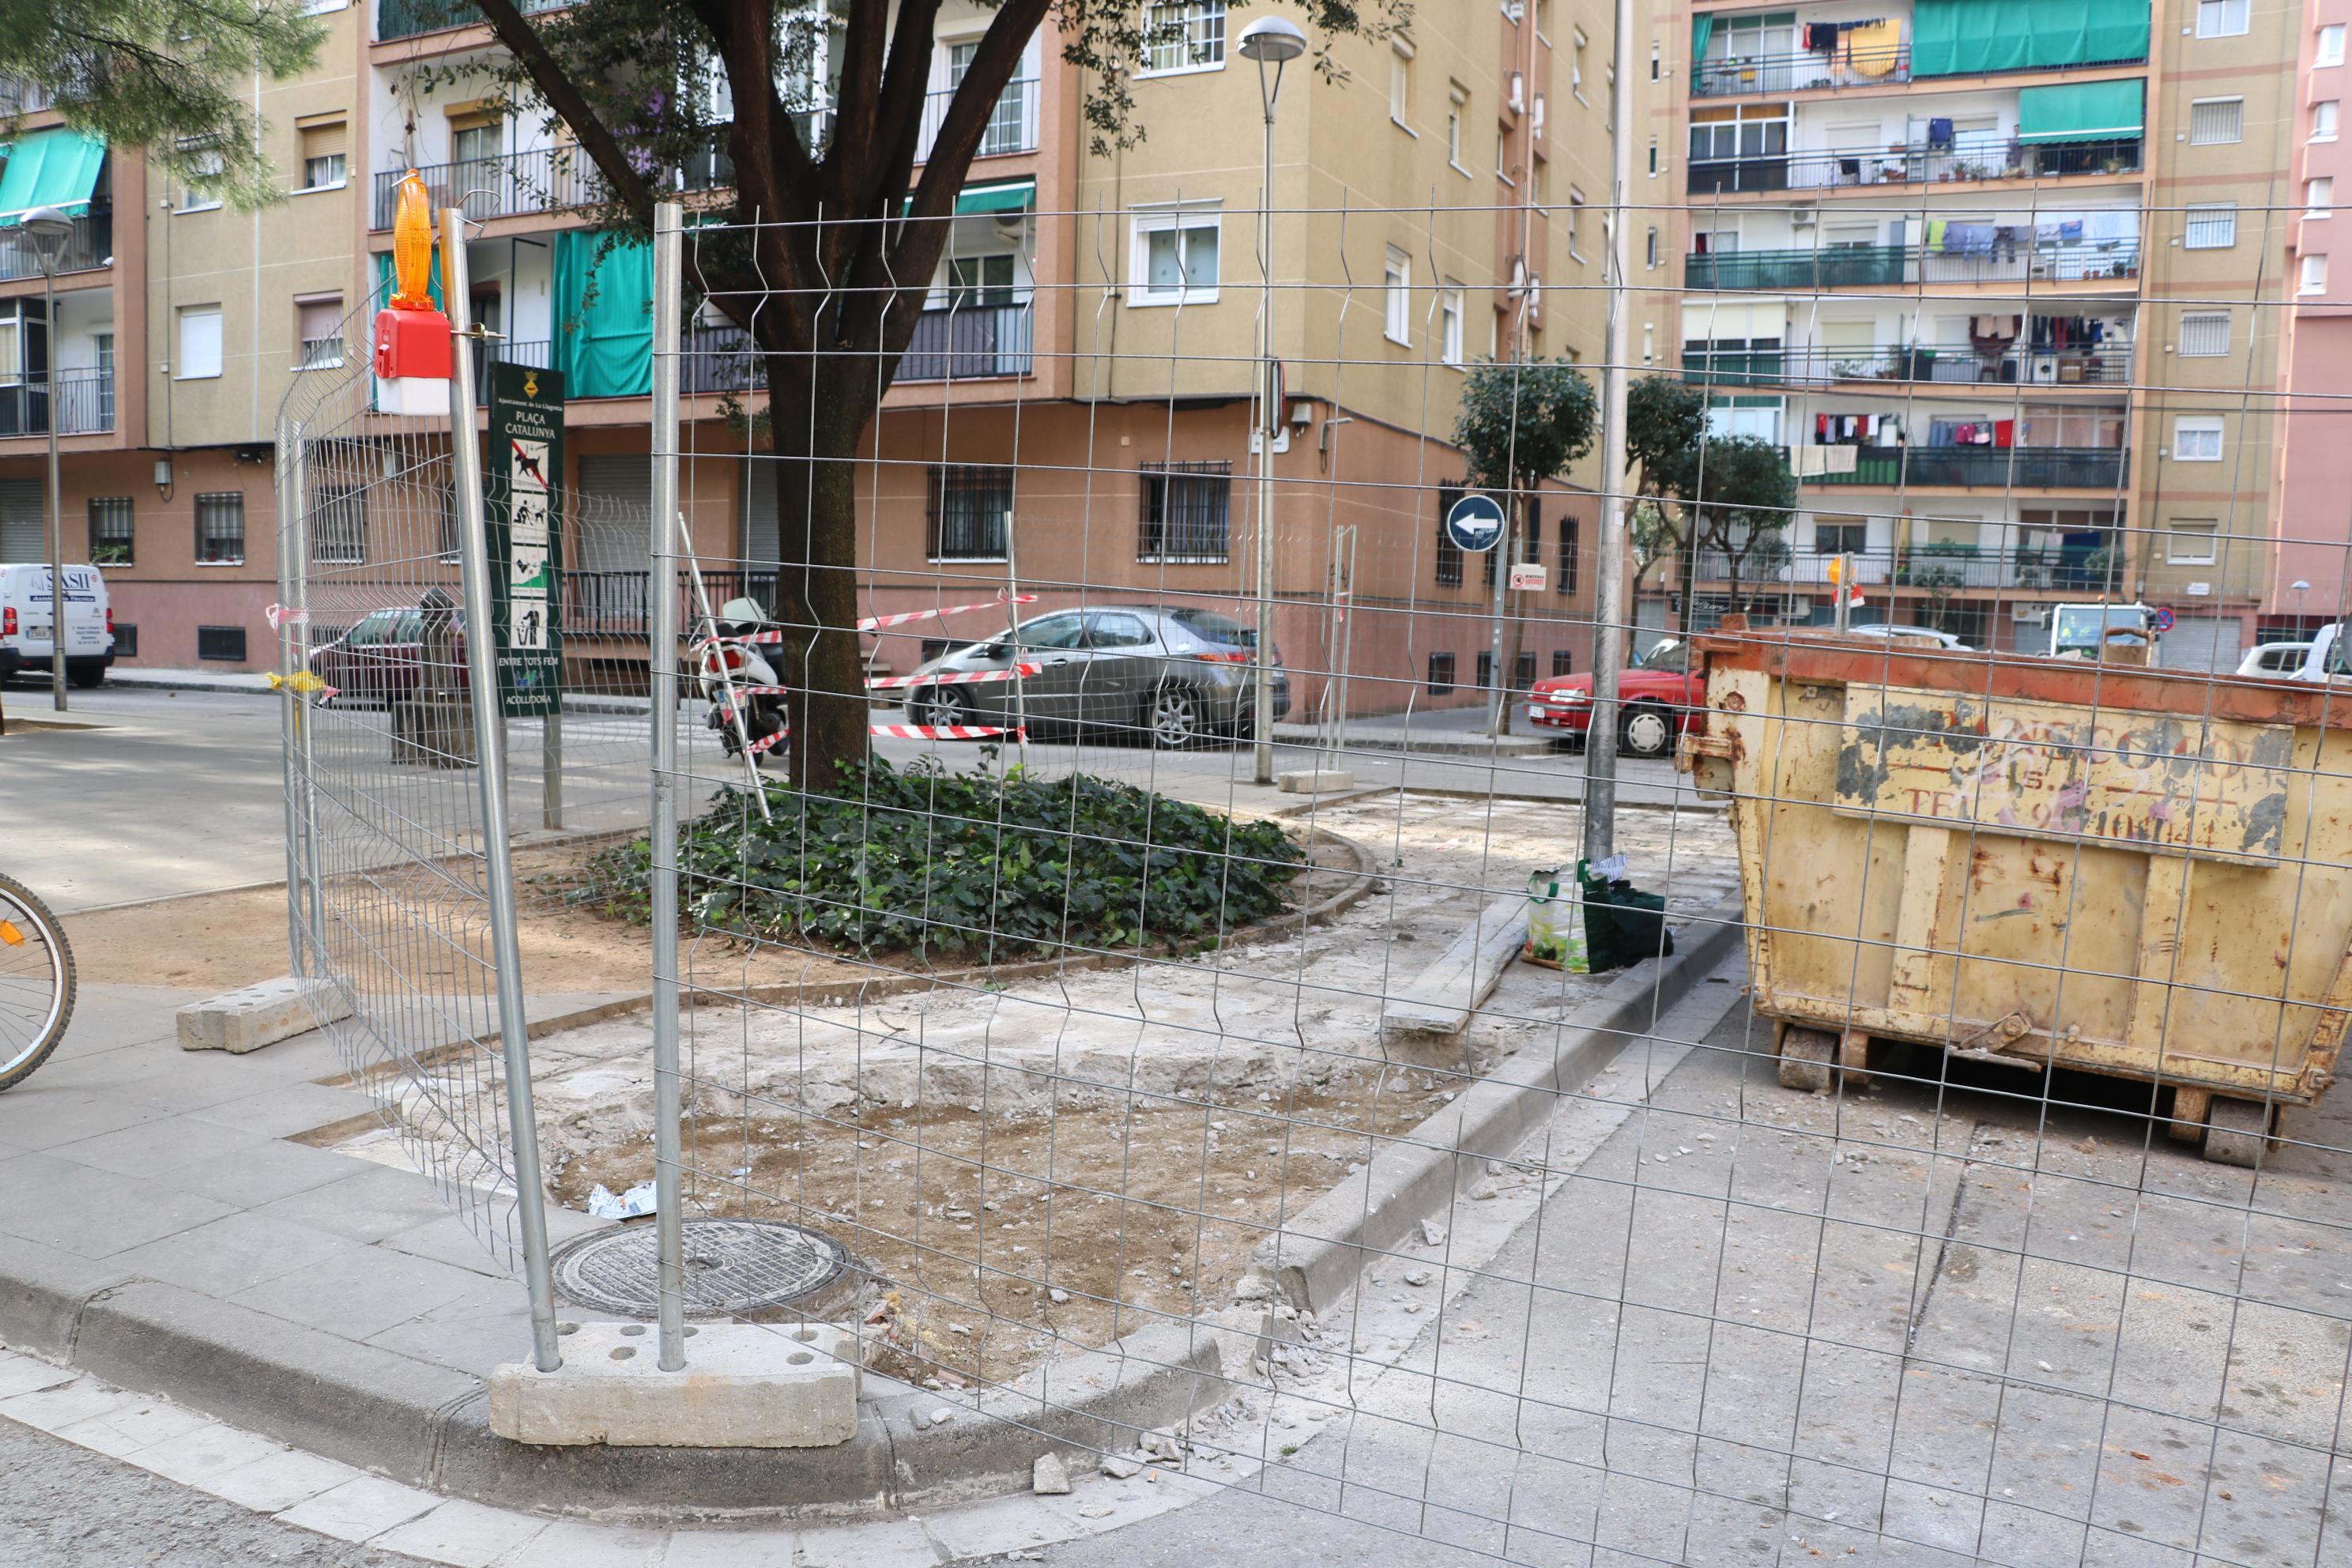 Ja han començat les obres de millora de la plaça de Catalunya